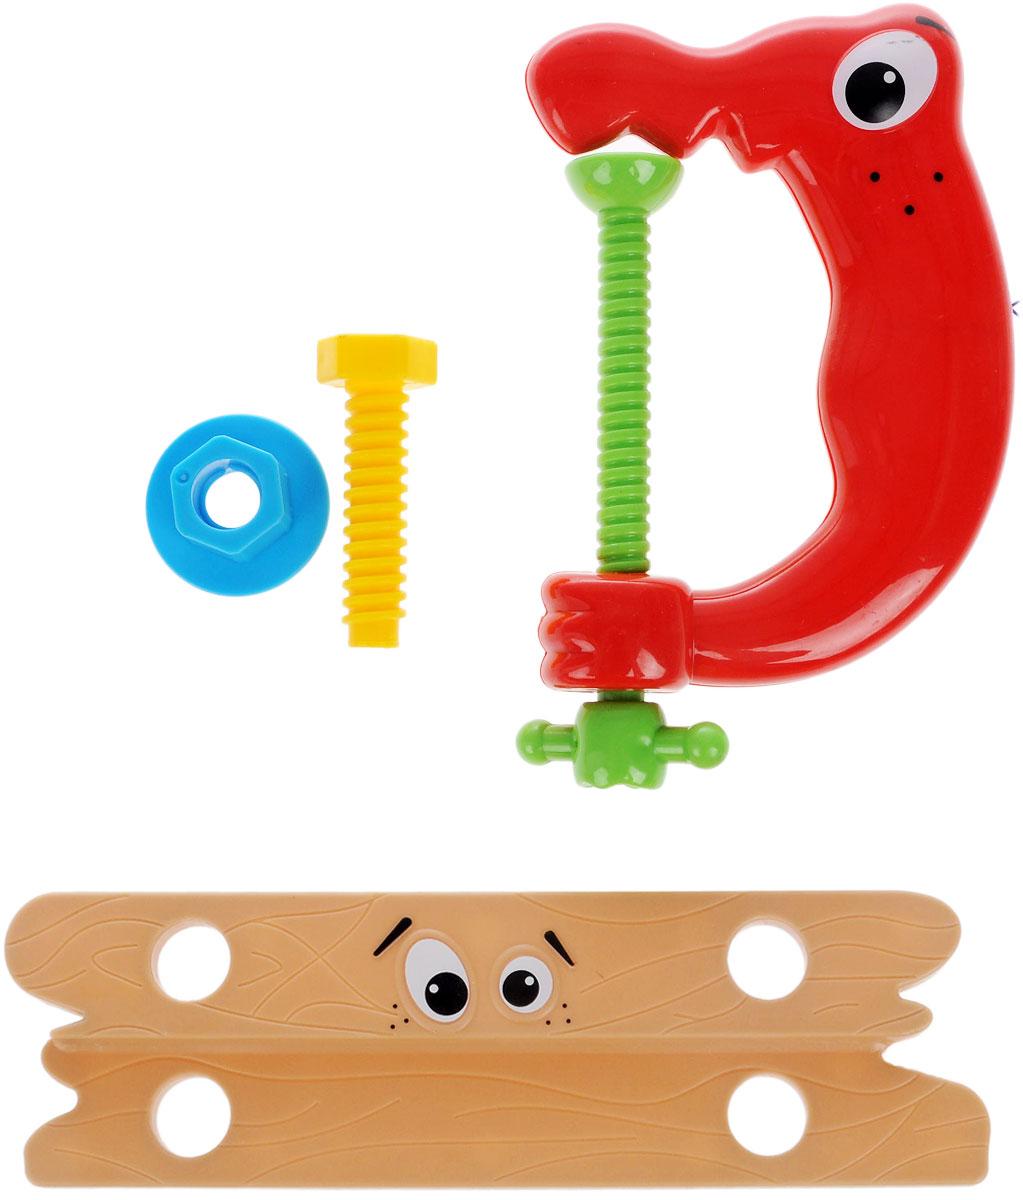 1TOY Игровой набор Профи-малыш цвет коричневый красный